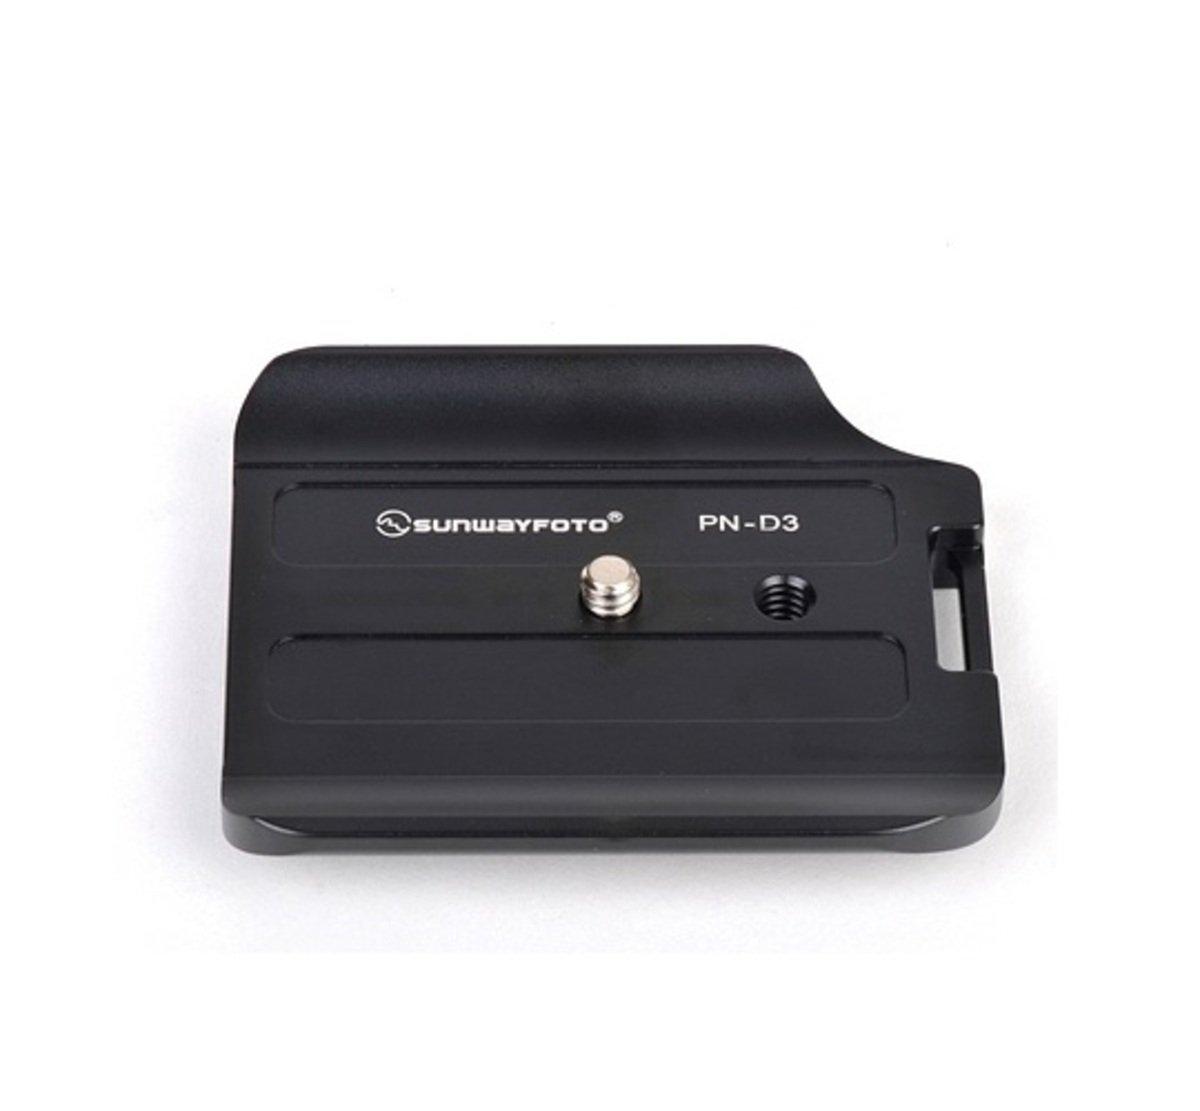 尼康-D3相機專用快裝板 PN-D3